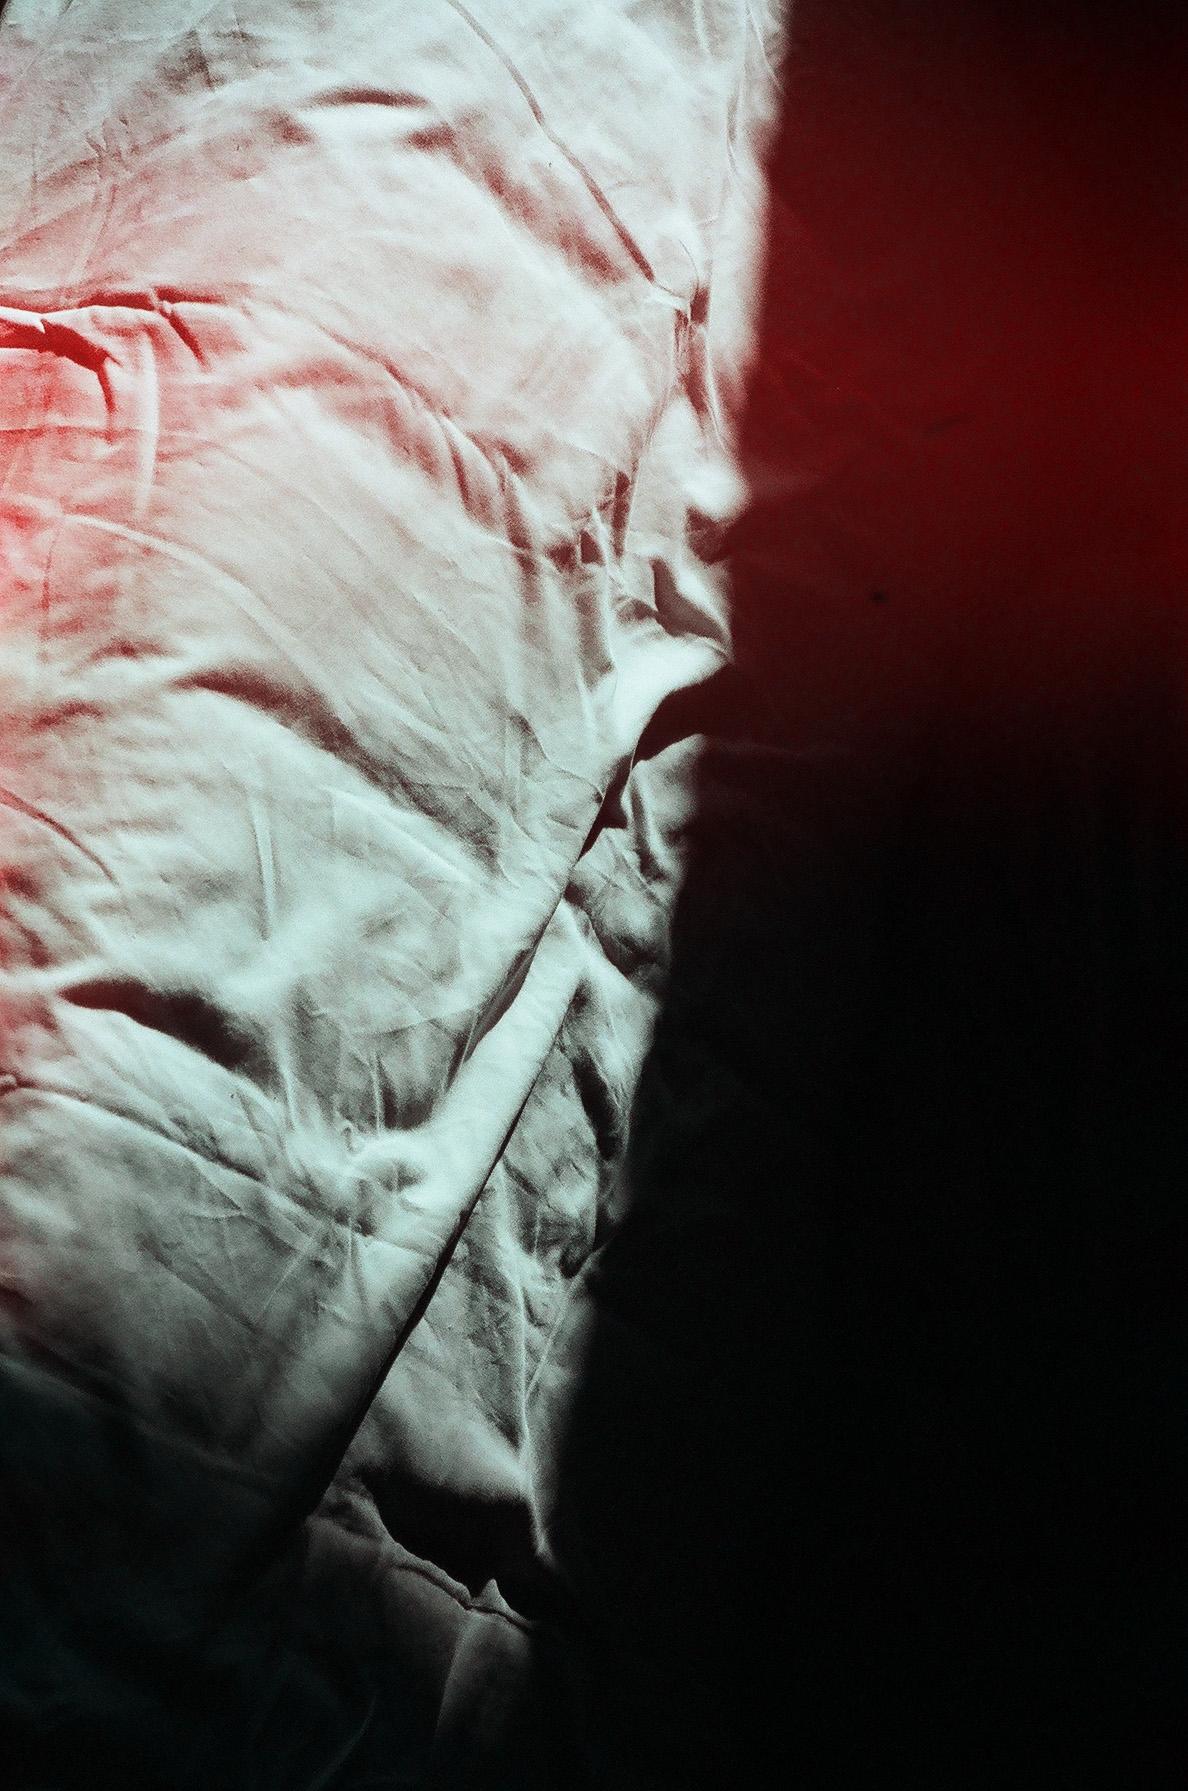 Zdjęcie przedstawia fragment pogniecionej białej tkaniny, na którą pada światło słoneczne.